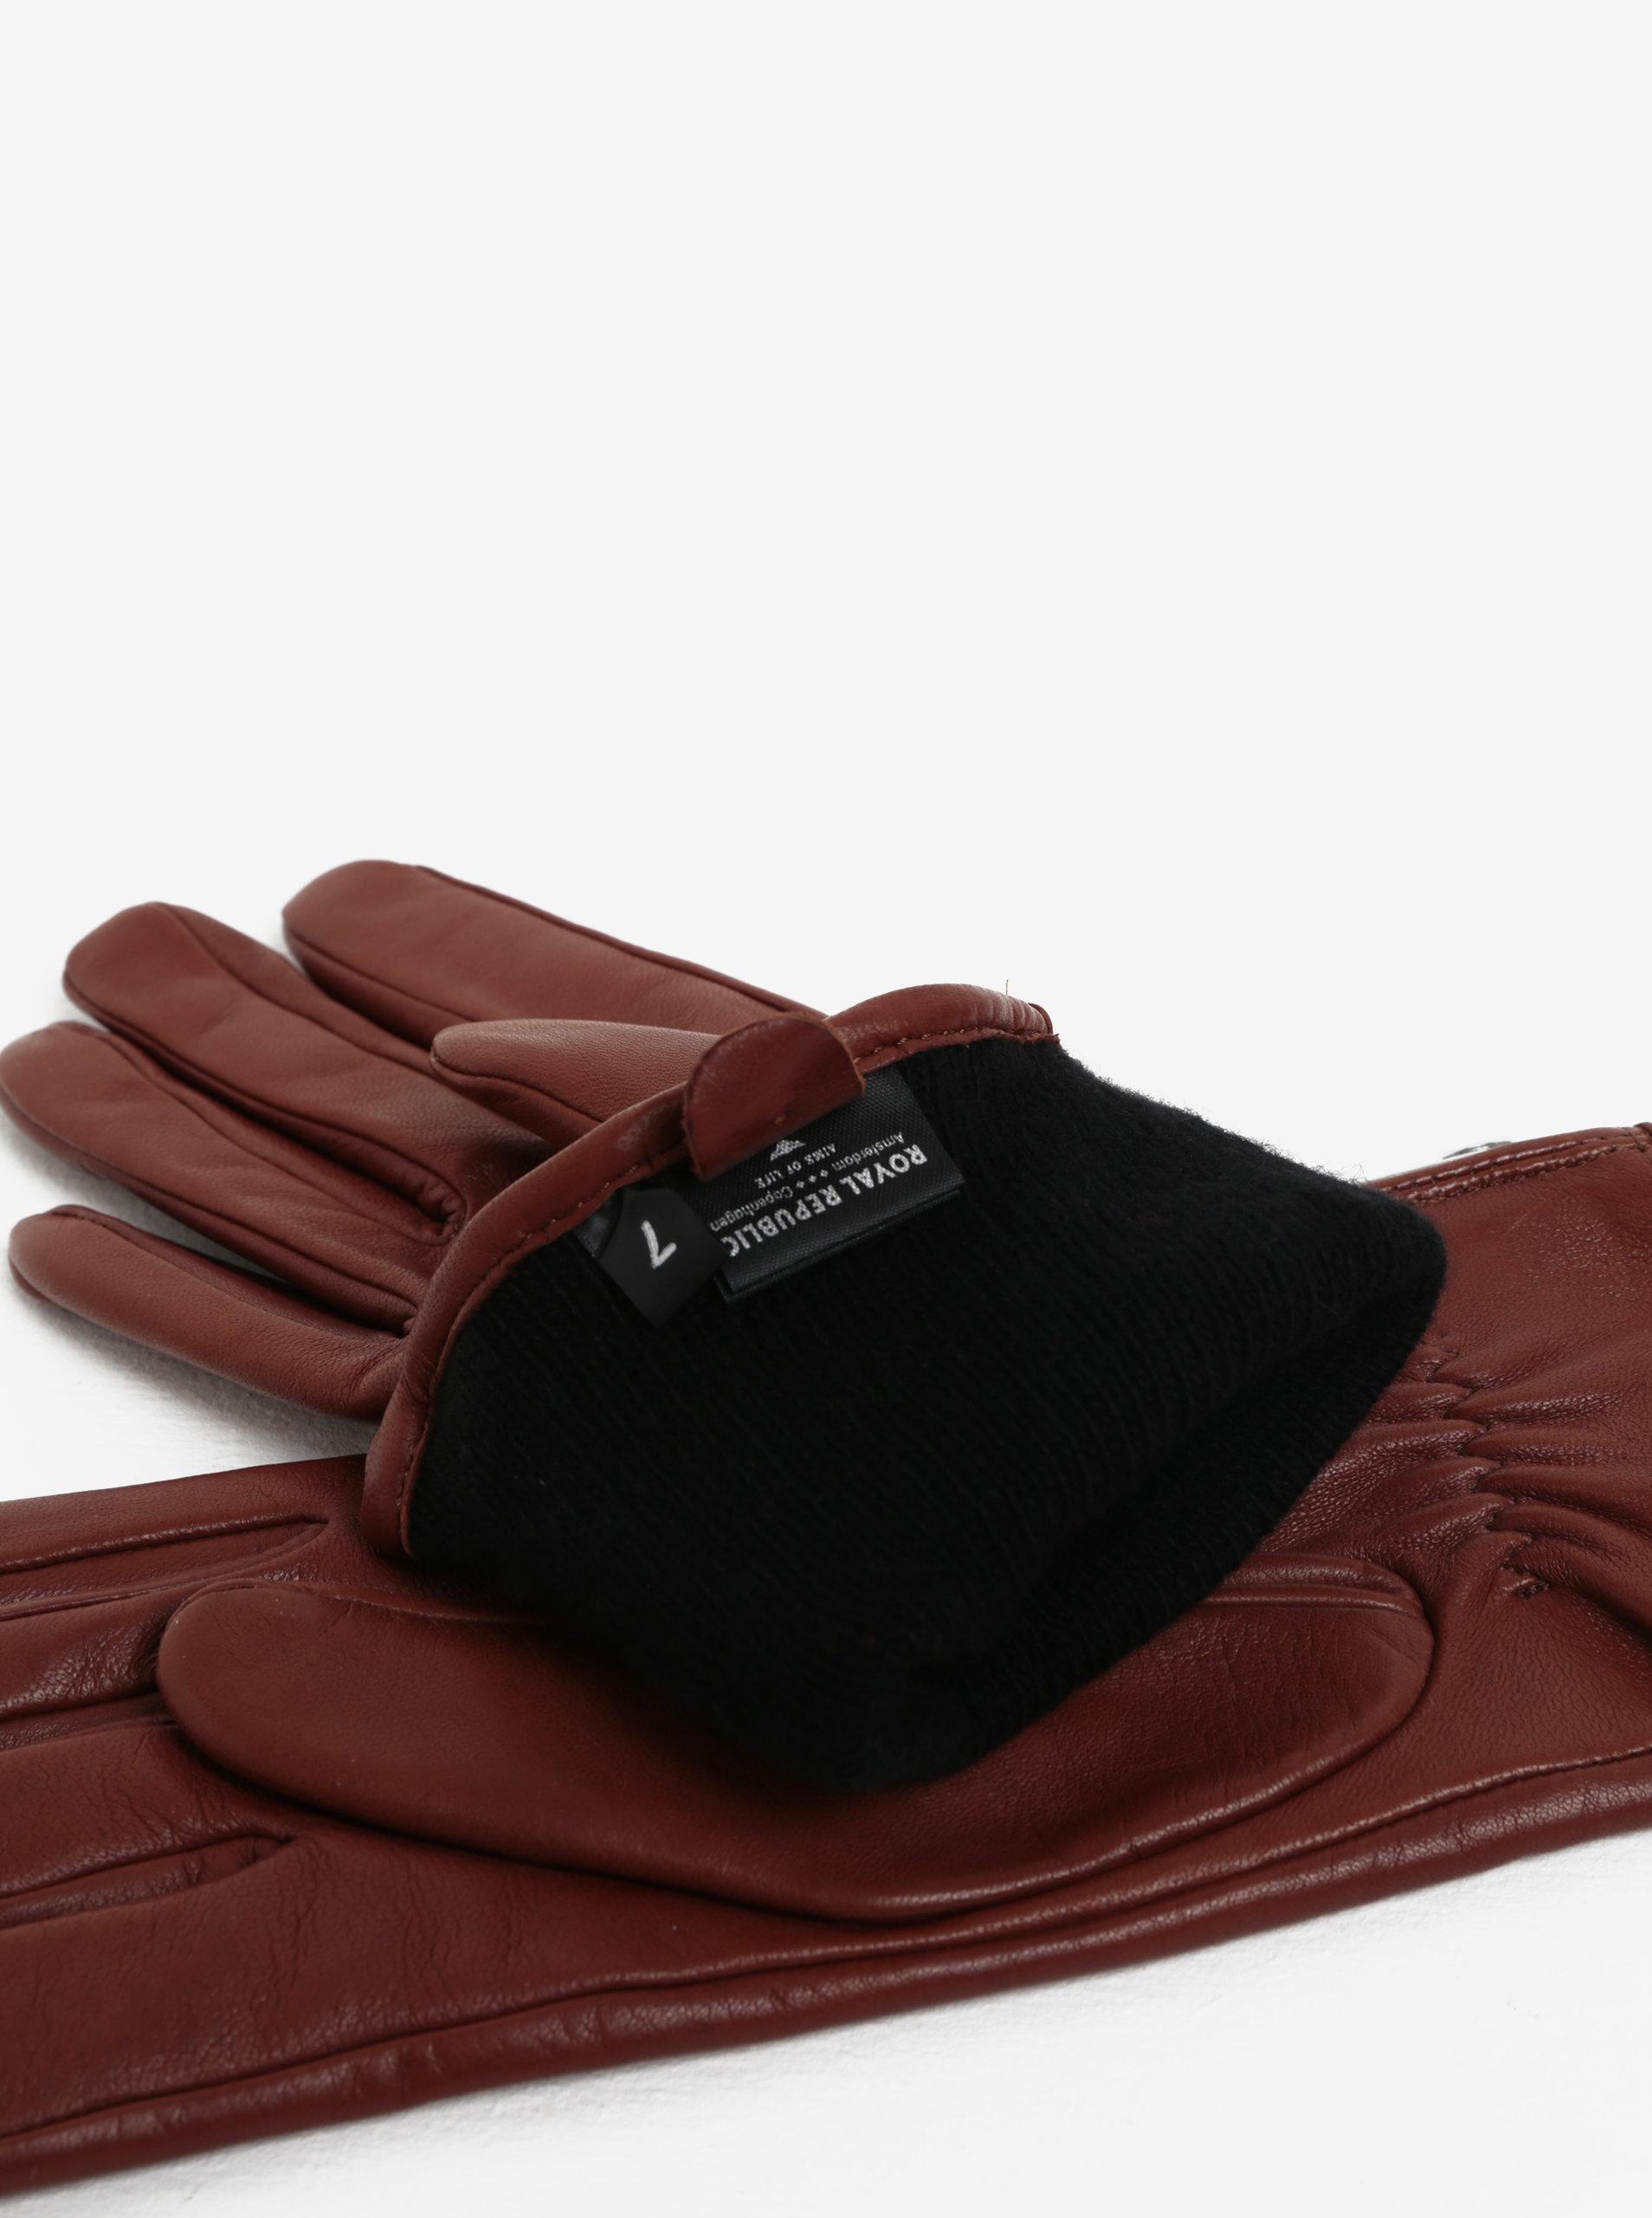 e711ce499fb3 Hnedé dámske kožené rukavice s kašmírovou podšívkou Royal RepubliQ ...